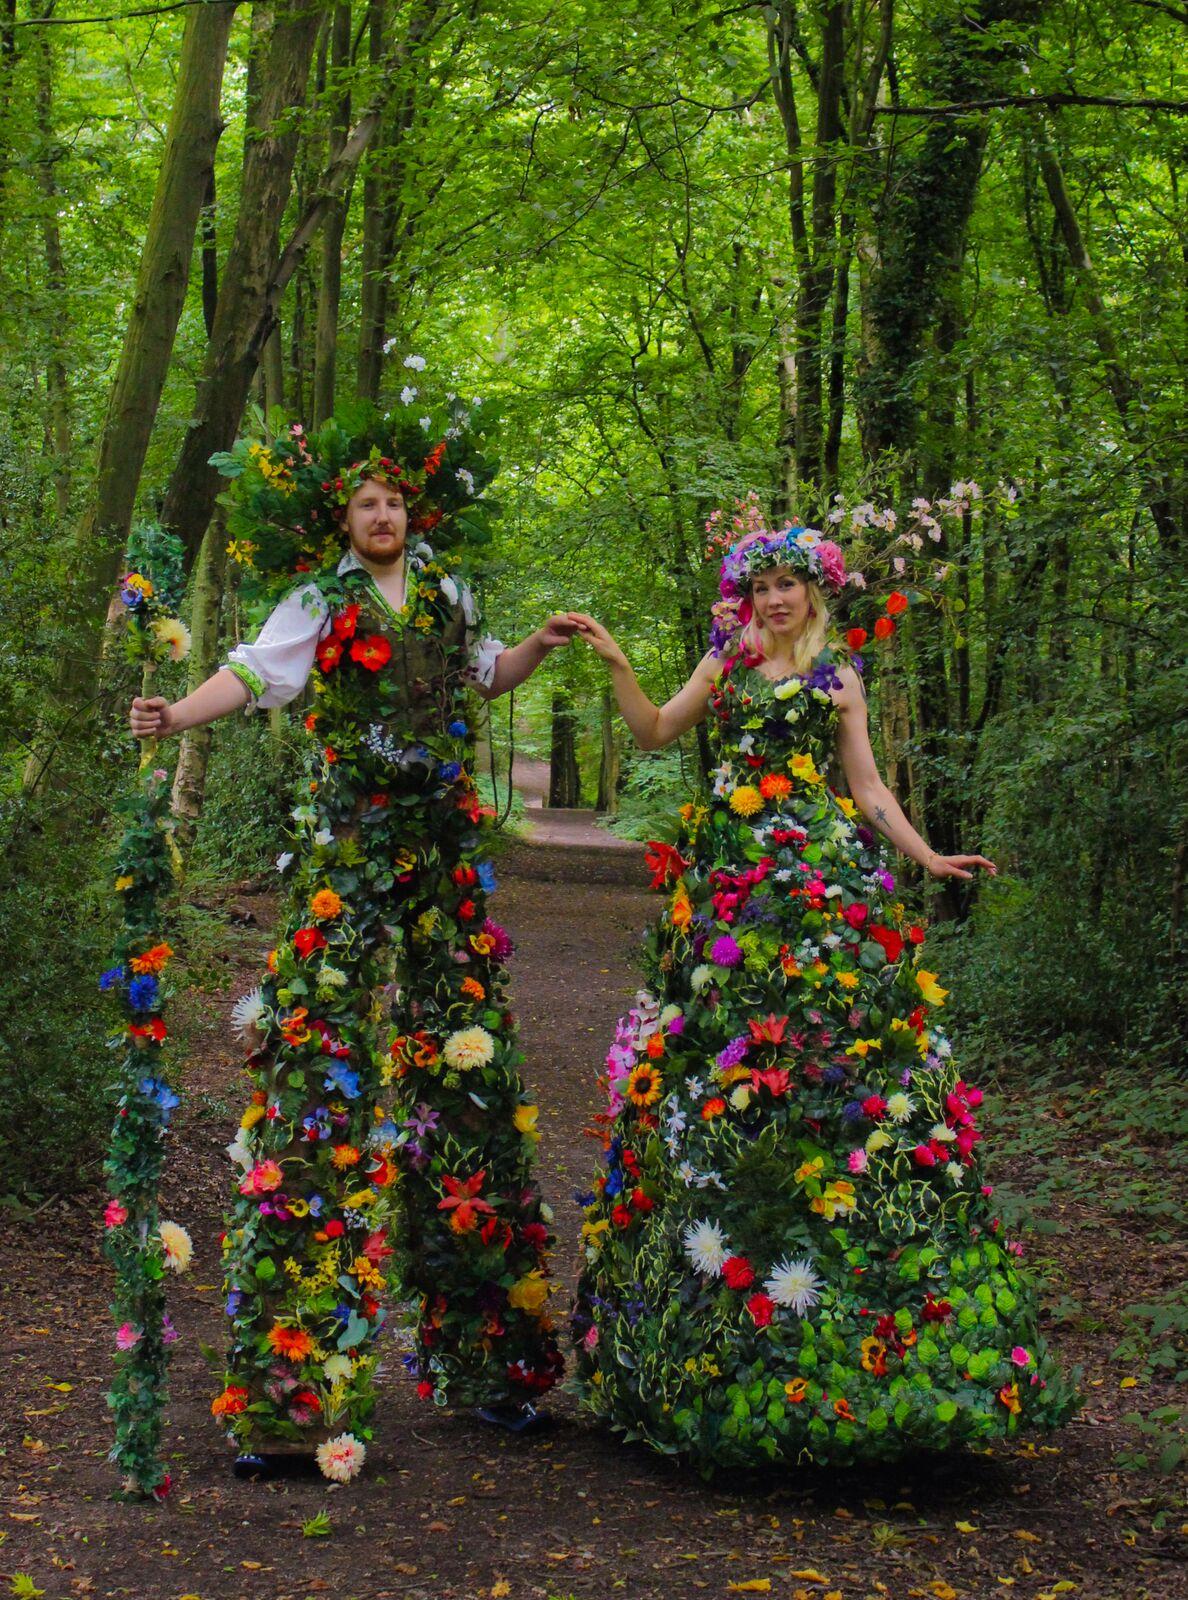 Floral Stilt Duo